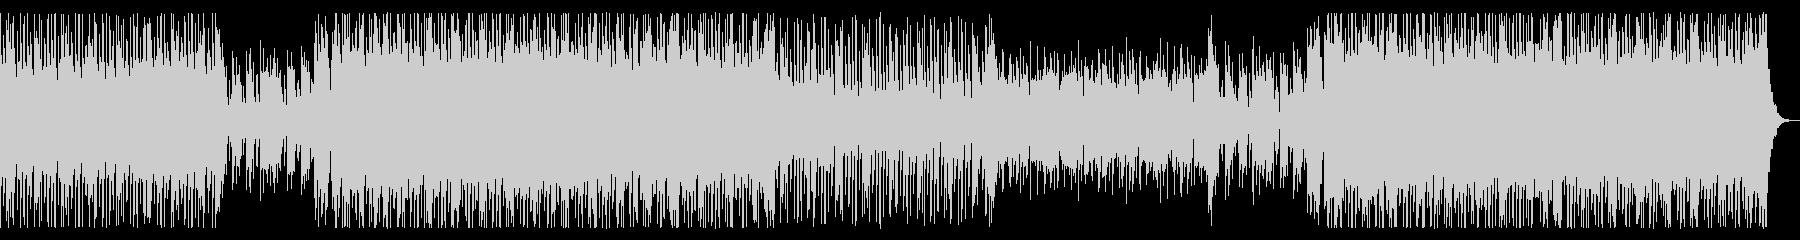 かわいいピコピコサウンドのテクノの未再生の波形